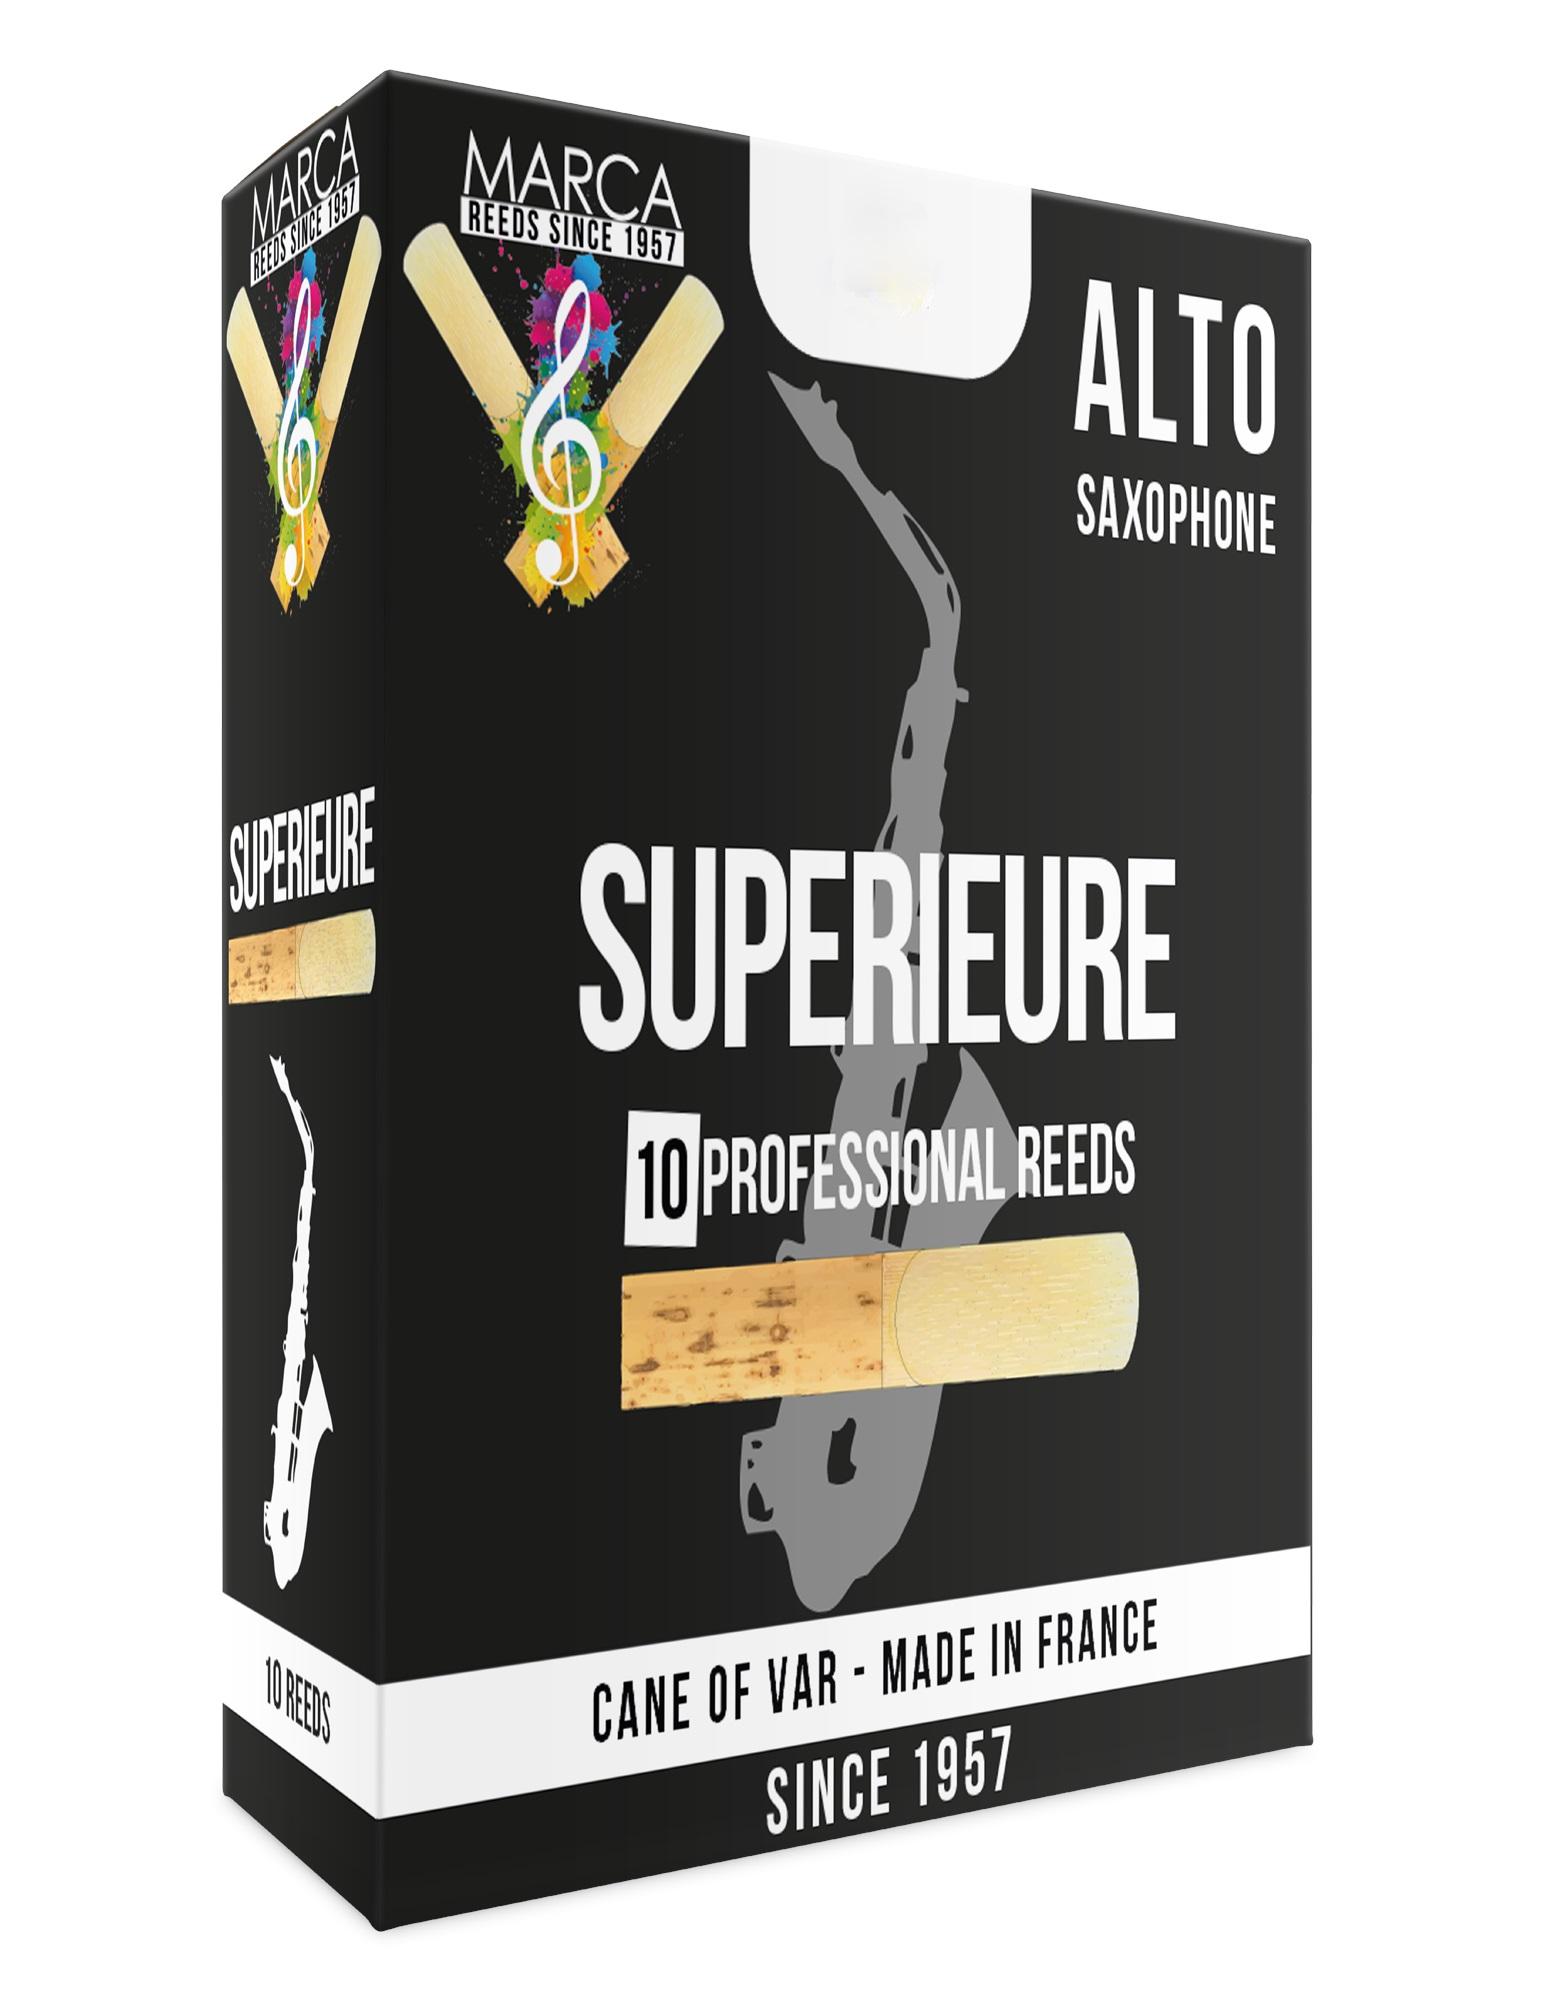 Marca Alt saxofon Superieure 2,5 - box